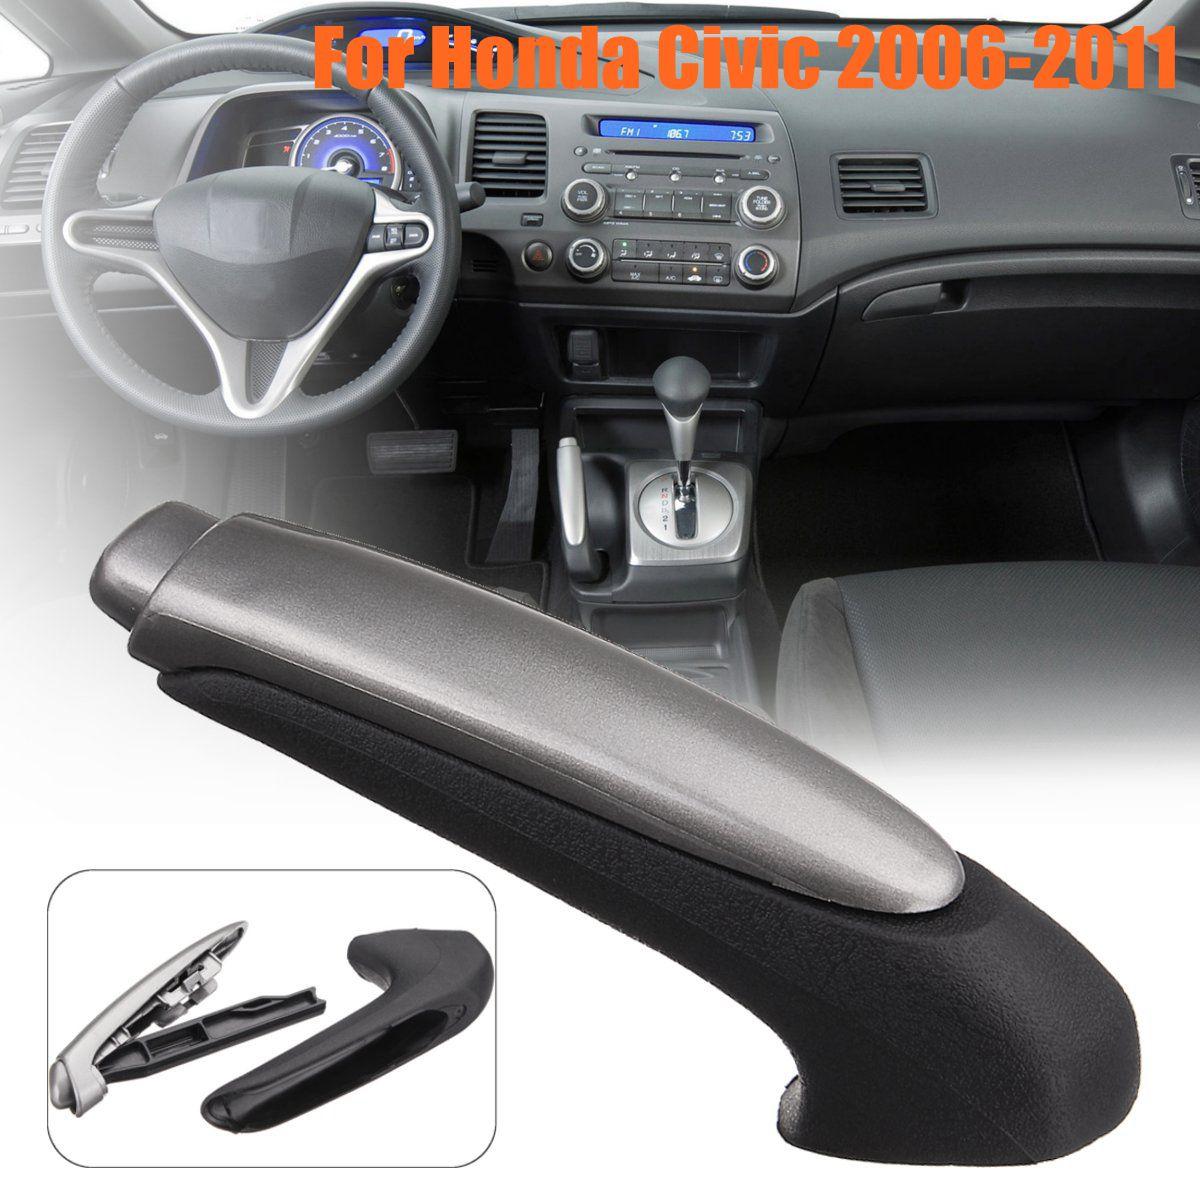 Poignée de voiture poignée couvre Parking main frein poignée manchon protecteur accessoires intérieurs pour Honda pour Civic 2006 2007 2008-2011